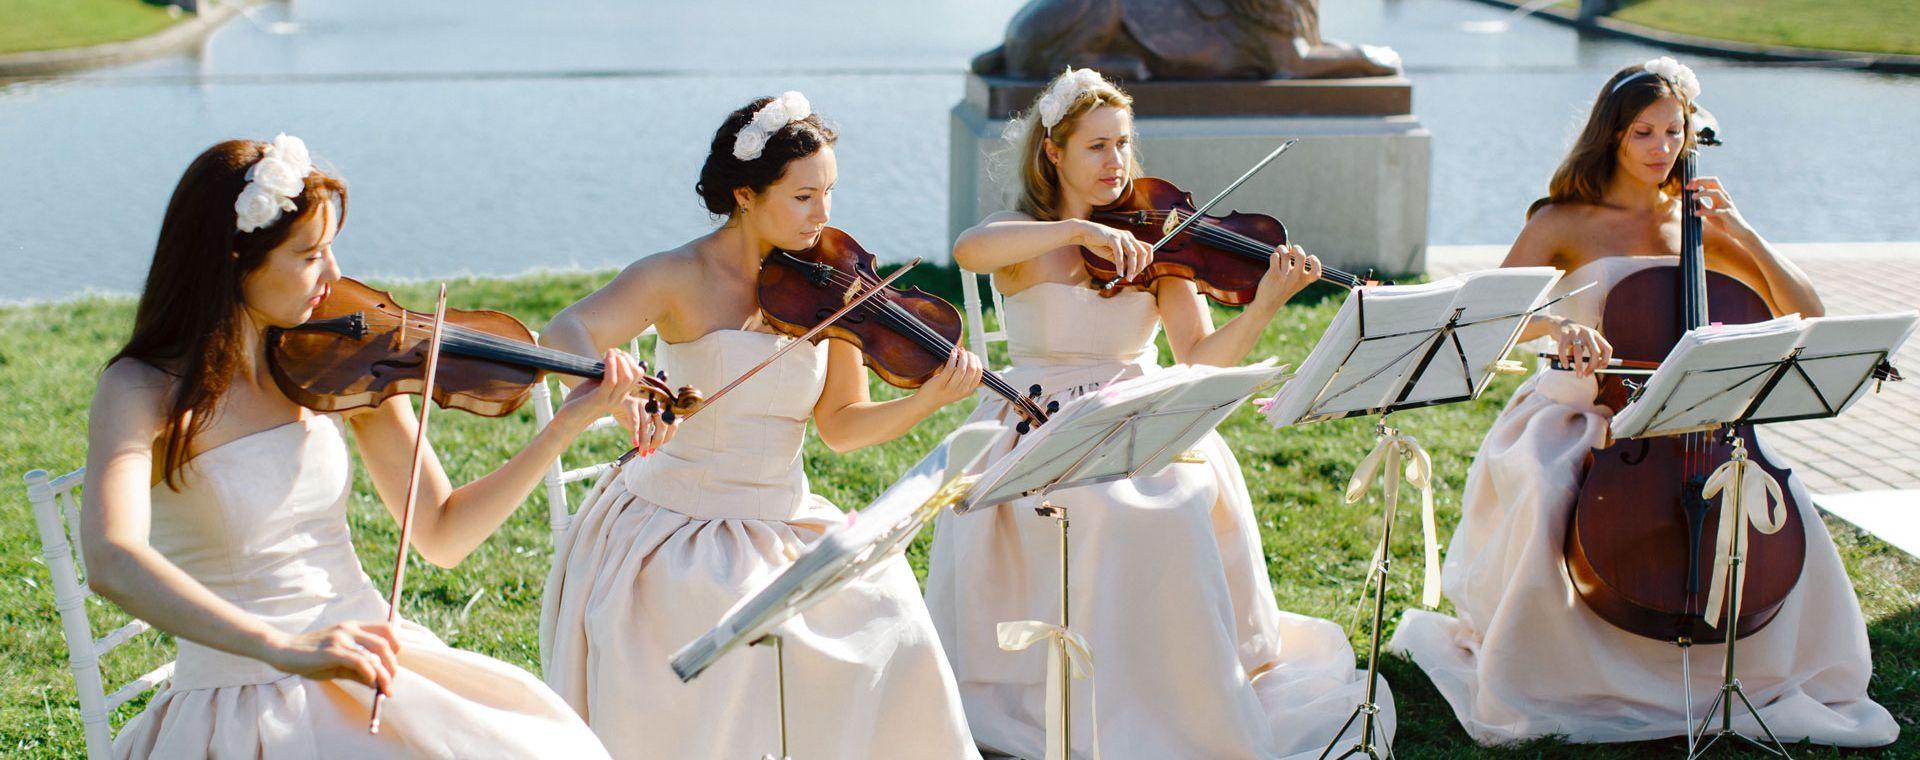 Музыка для свадебной регистрации